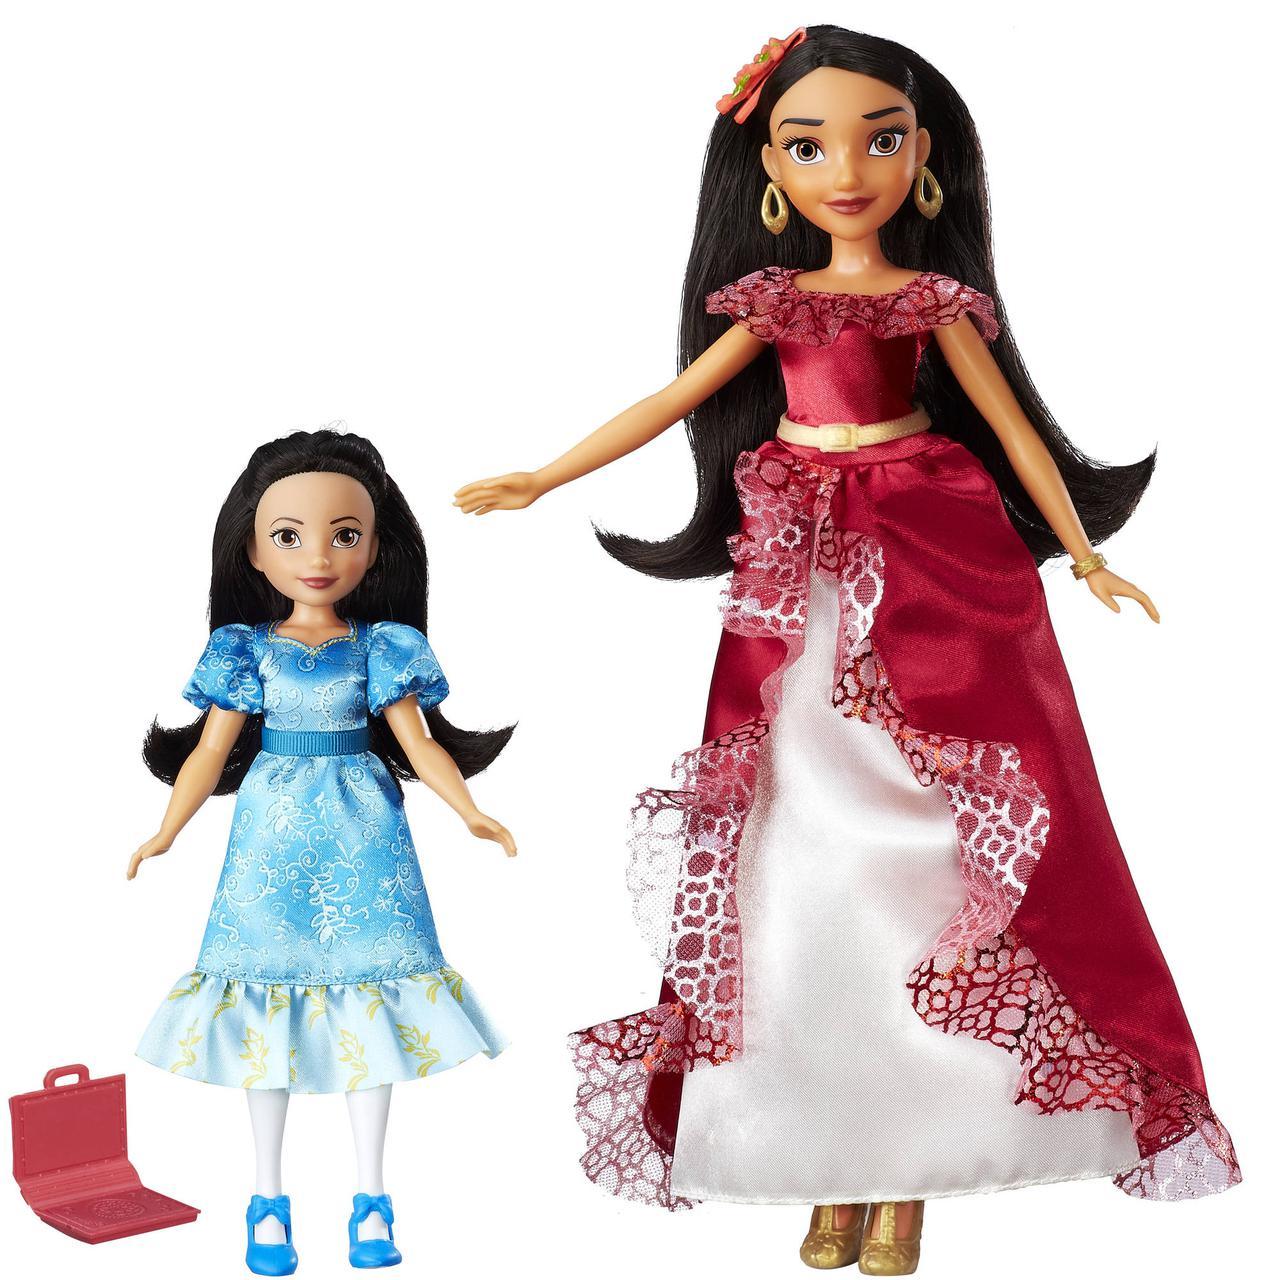 Disney Принцессы диснея Набор кукол принцессы Елены и её младшей сестры Изабель Elena of Avalor & Princess